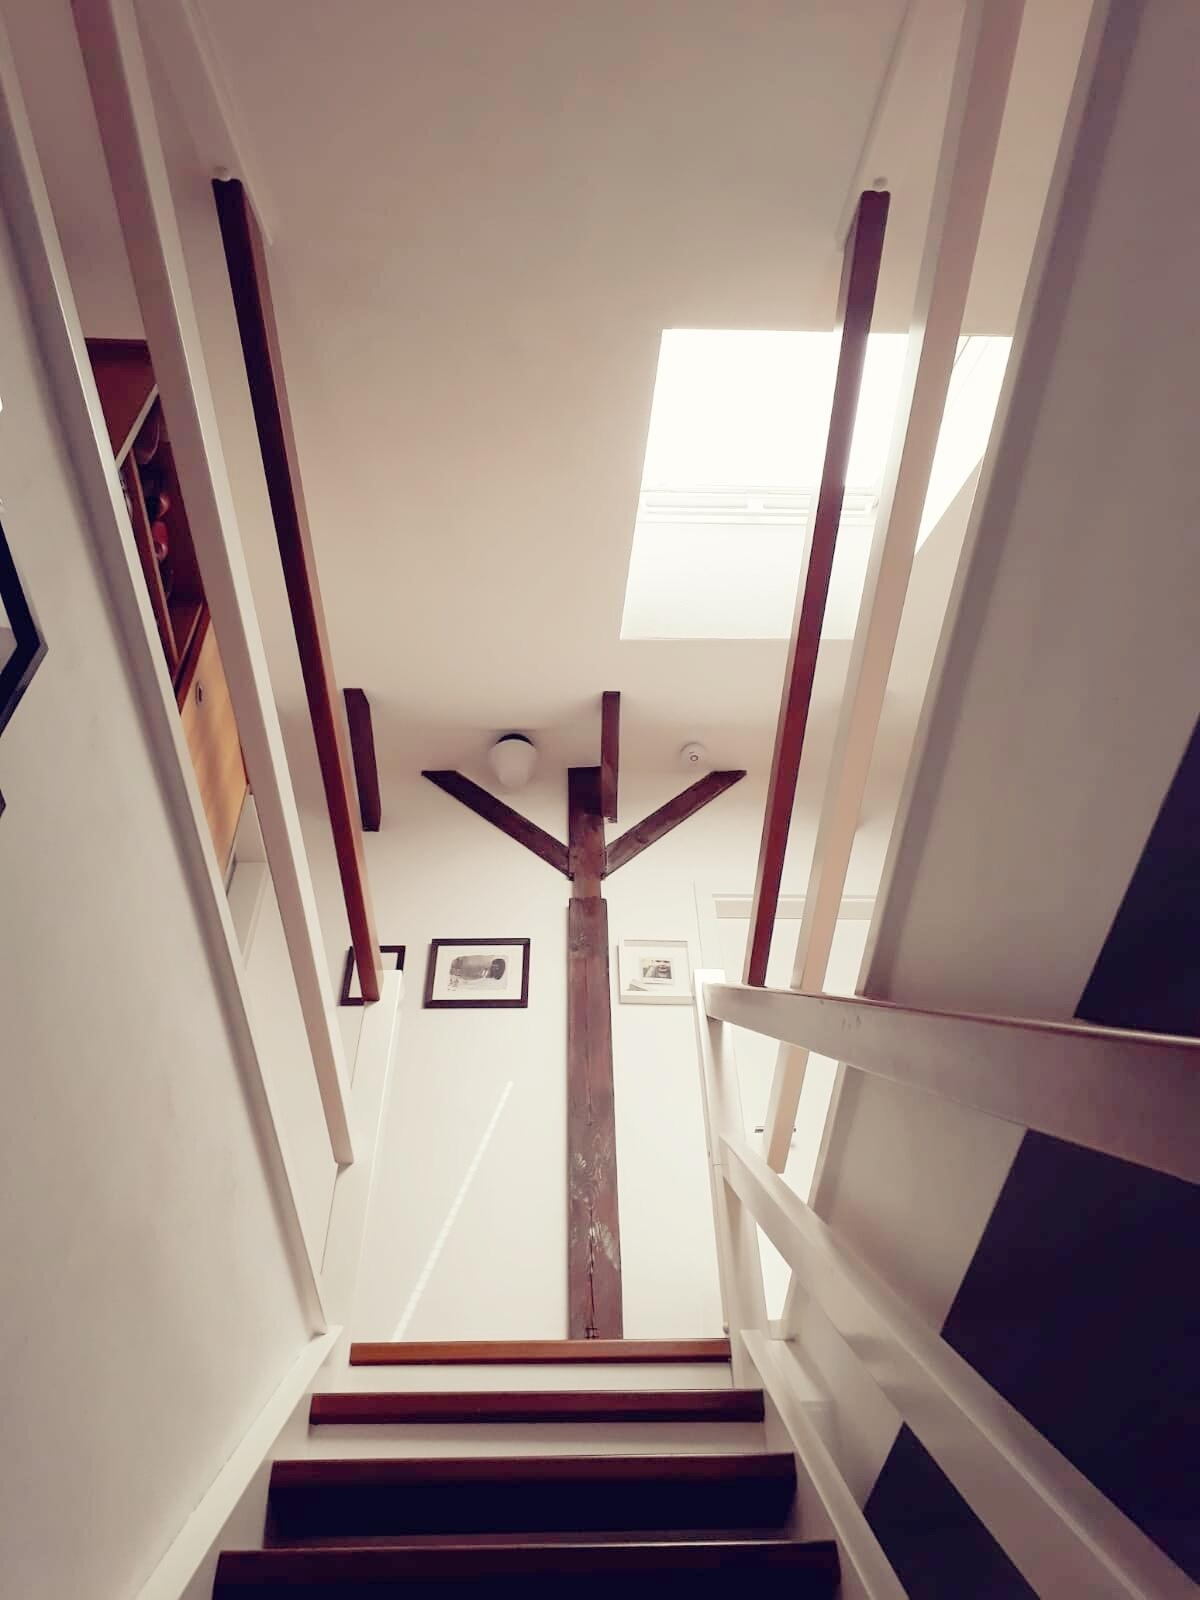 Dachgeschoss Treppe | Blick Nach Oben Treppe Dachgeschoss Couch